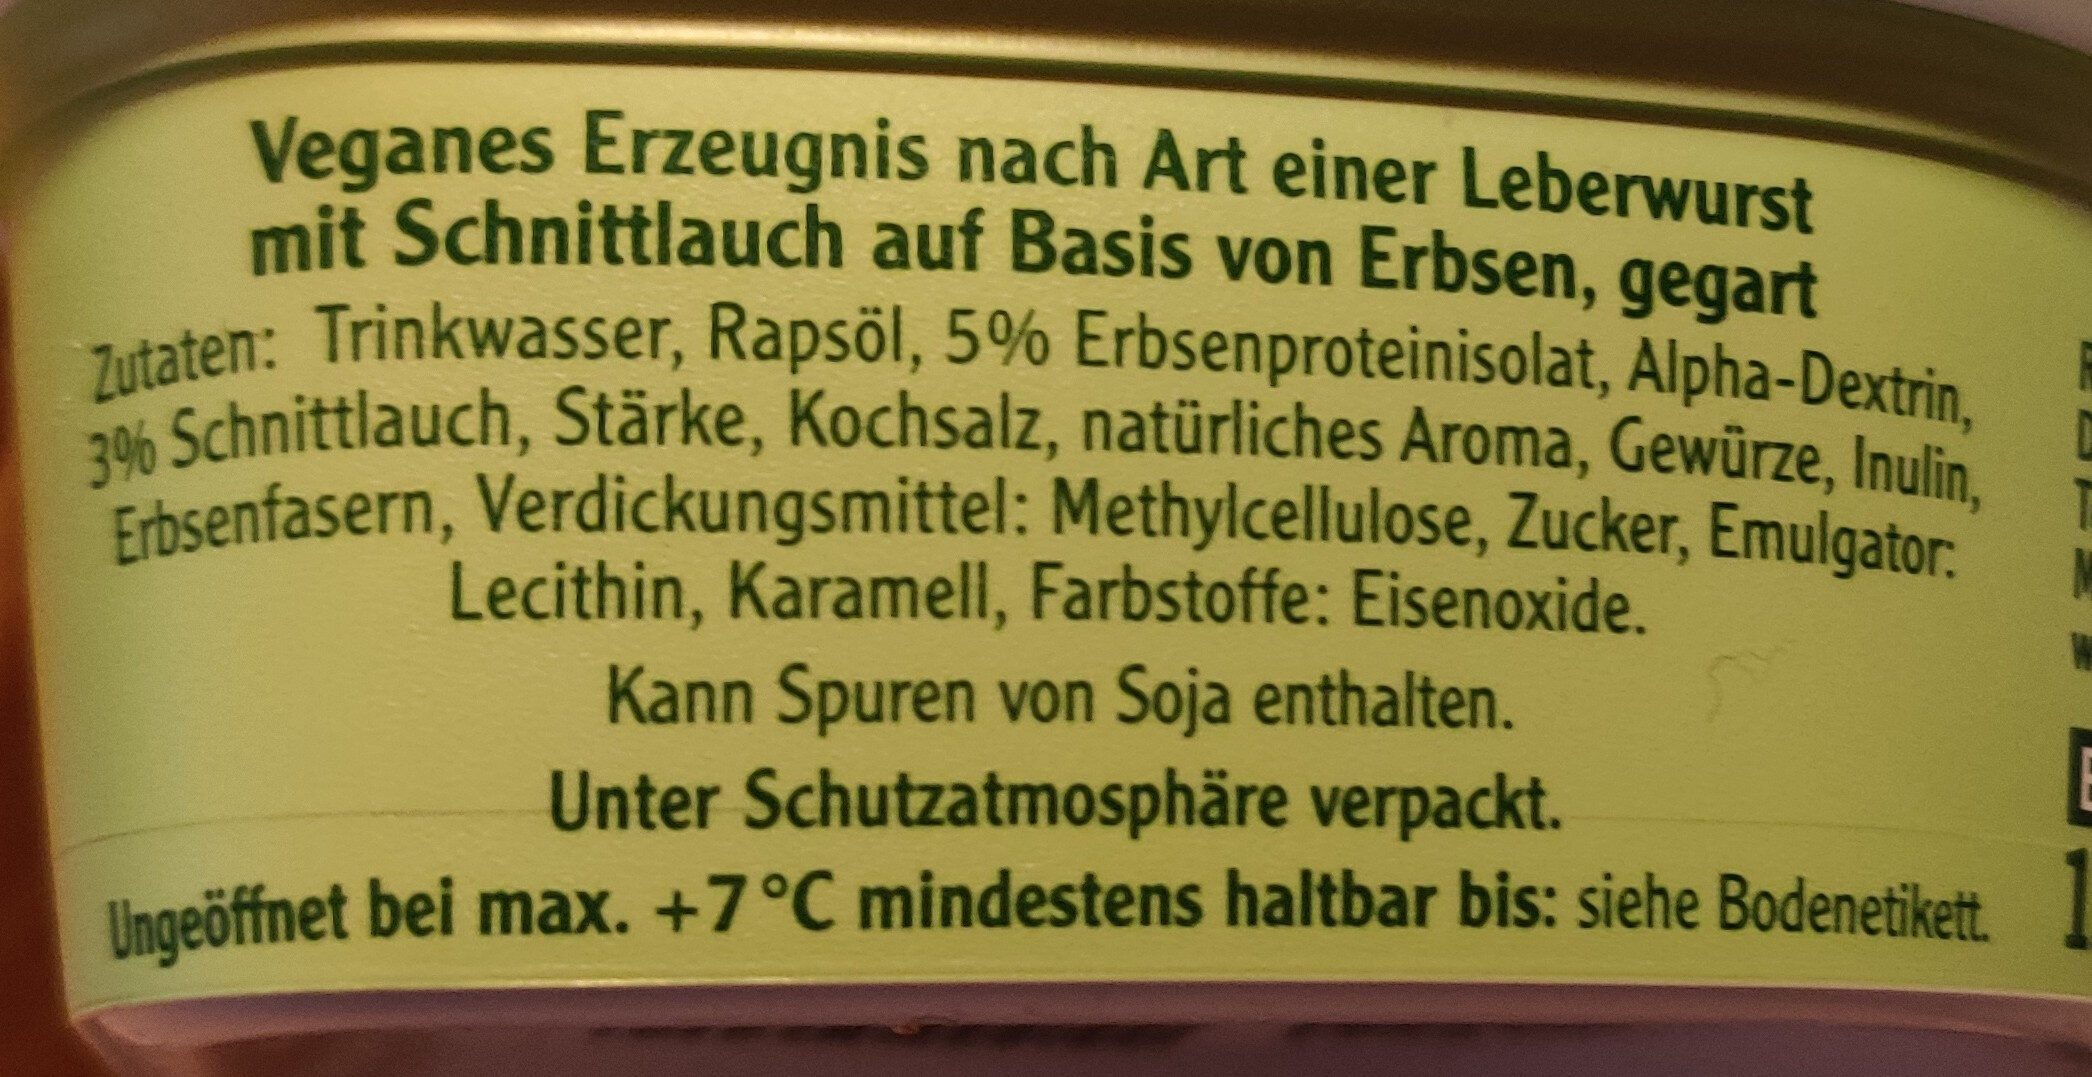 Vegane Pommersche Schnittlauch - Ingredienti - de